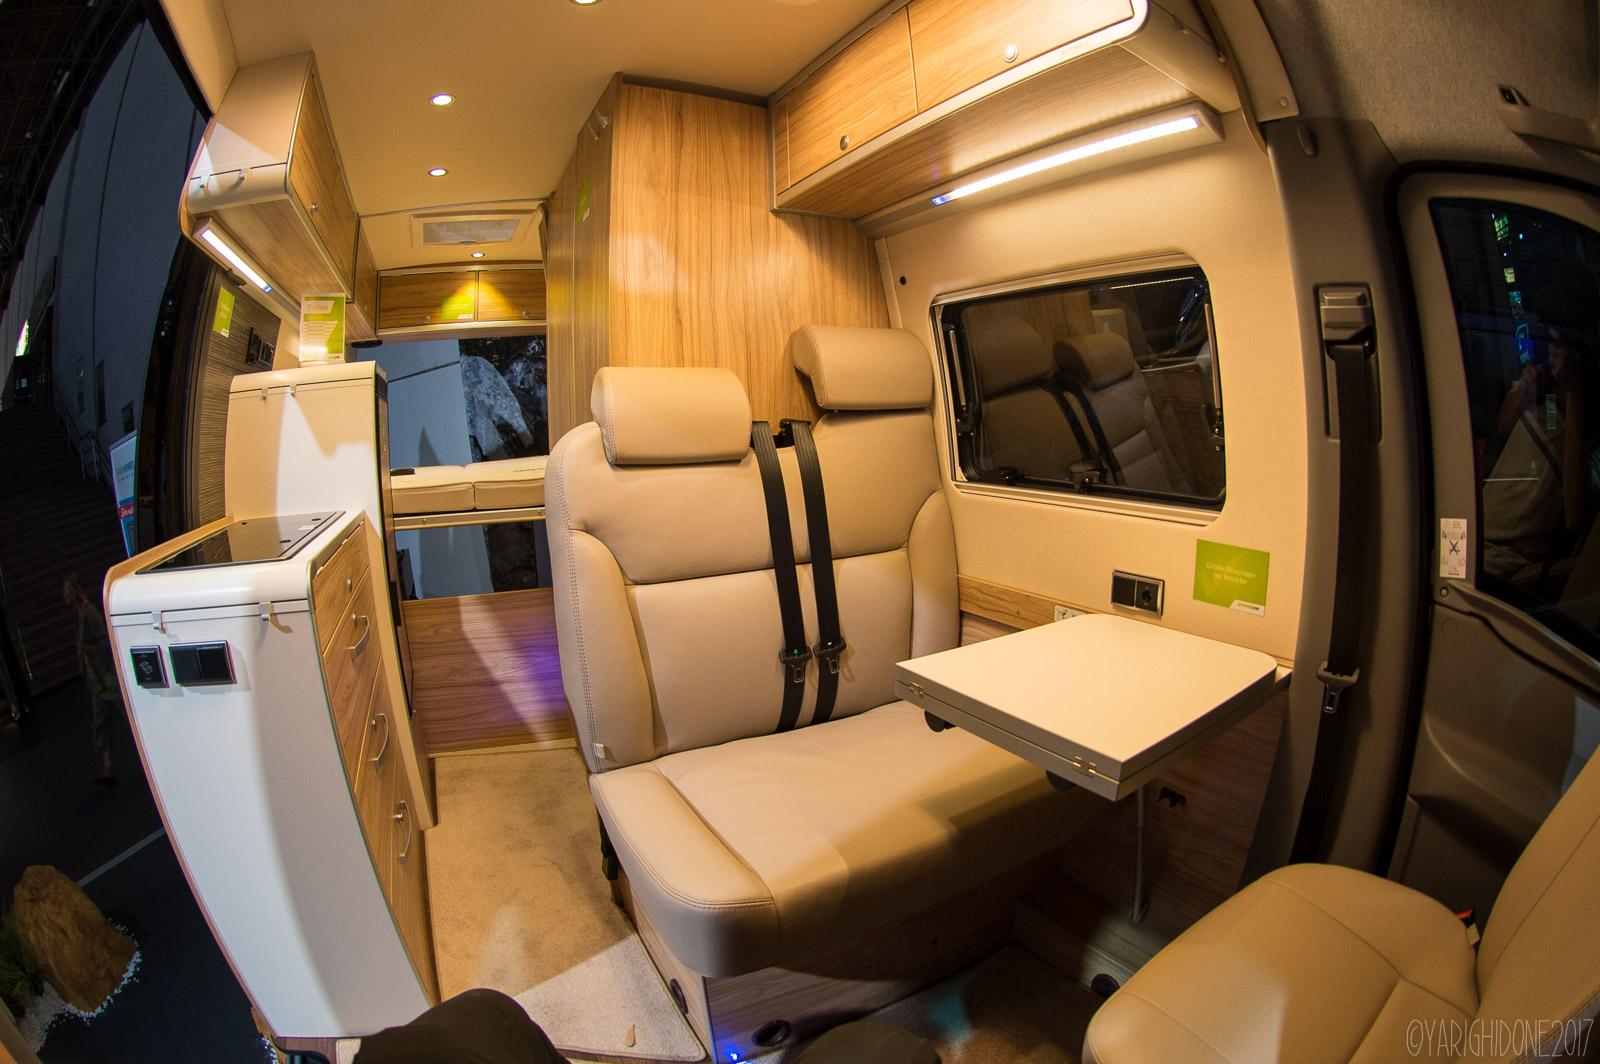 Le novità del Caravan Salon di Dusseldorf: i camper puri | Yari ...